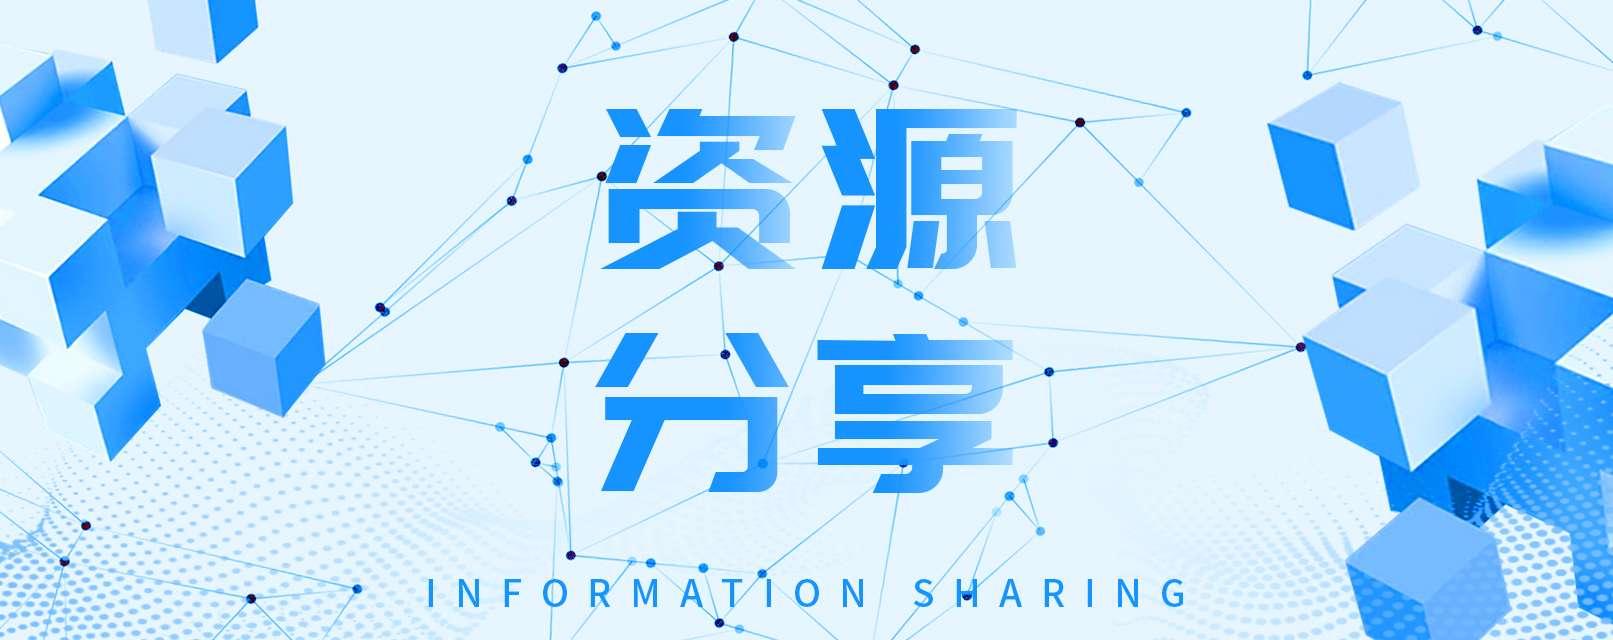 线报-「资源分享」飞跃免费小说-惠小助(52huixz.com)